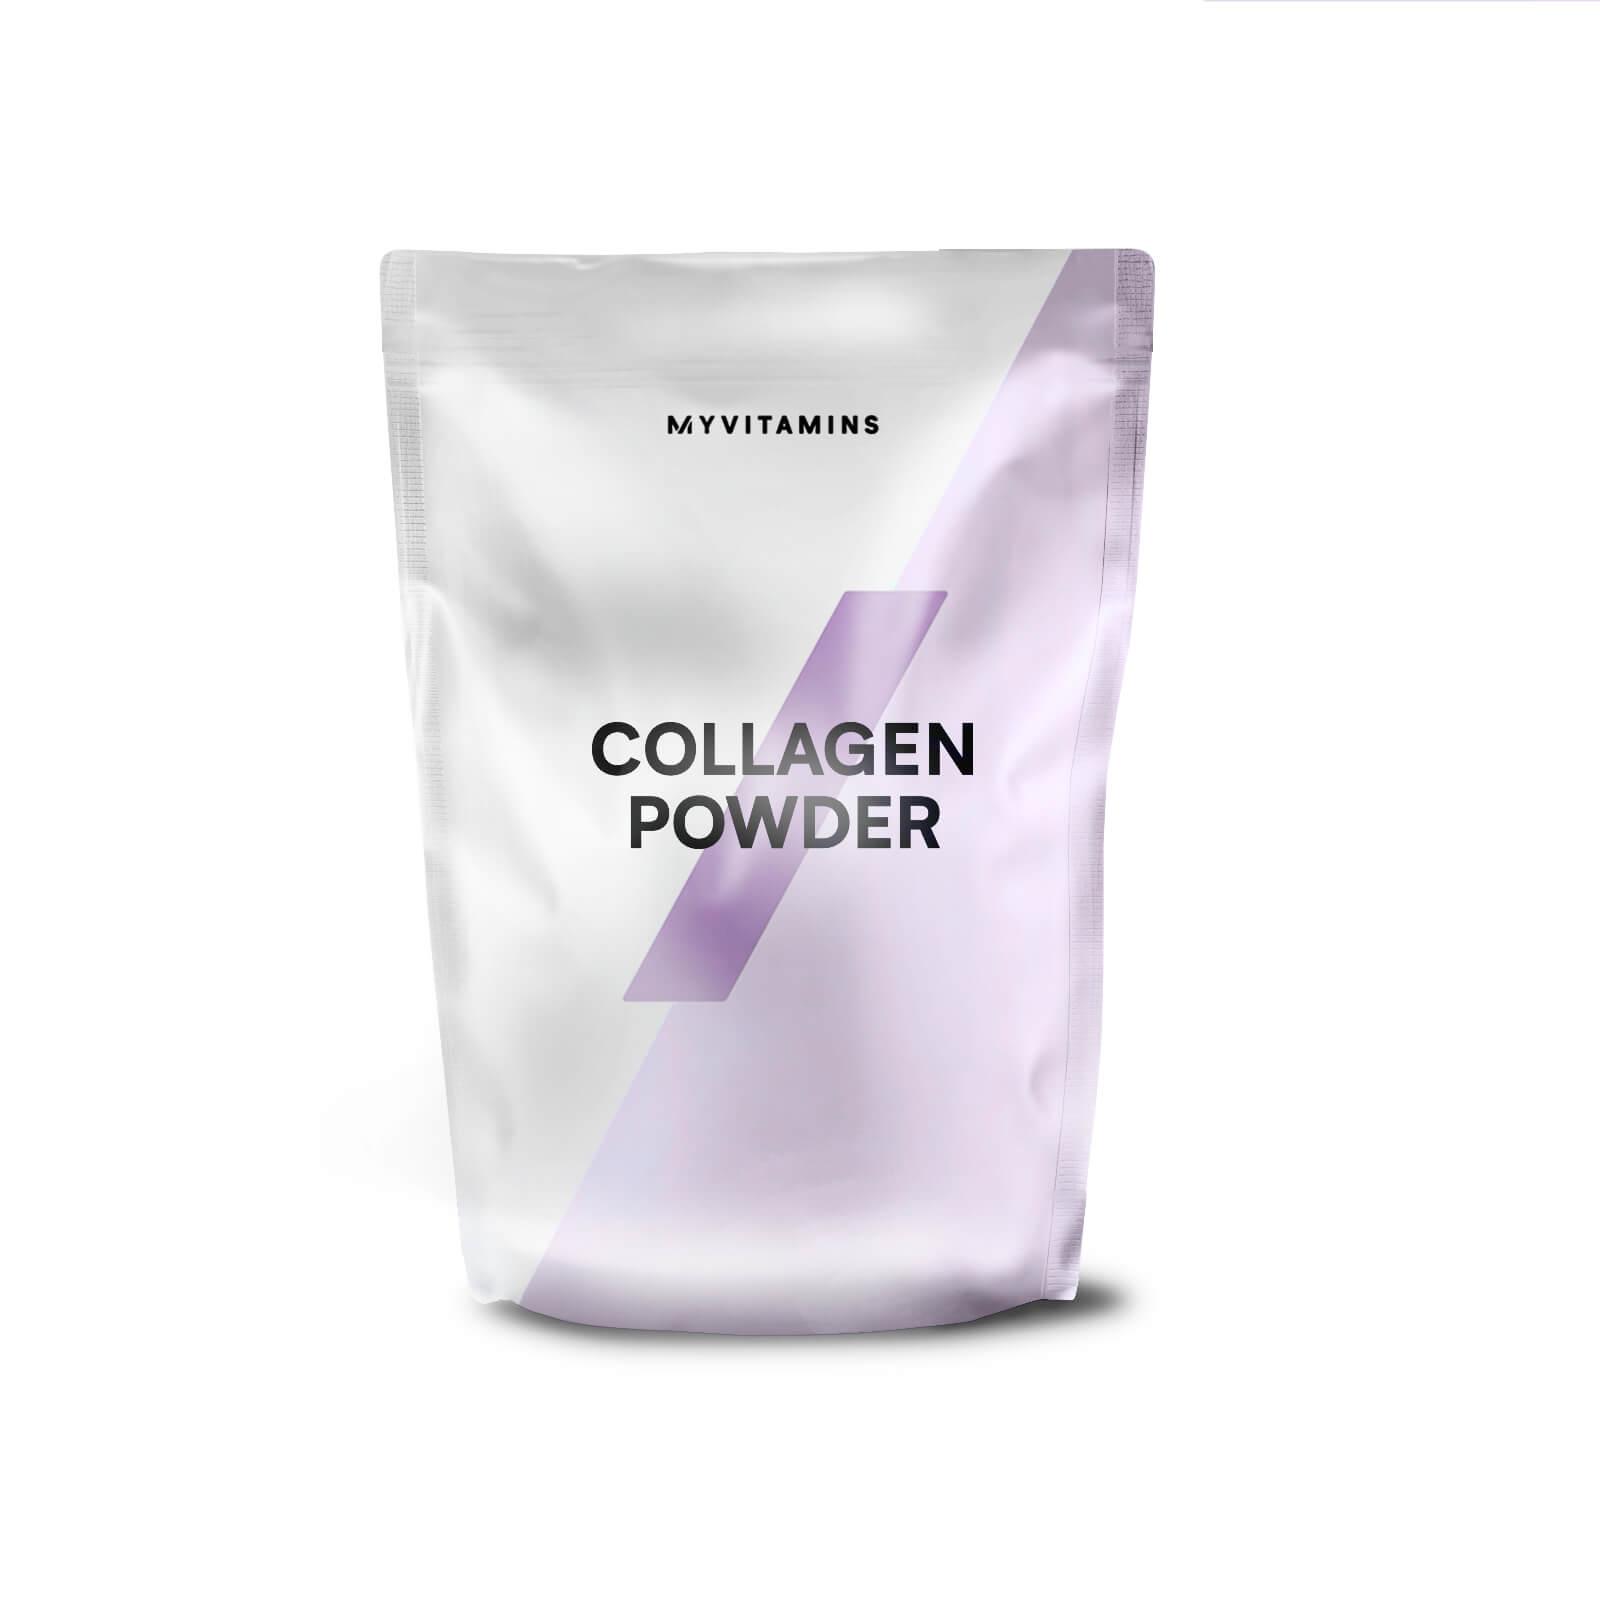 Myvitamins Poudre de collagène - 500g - Raisin Rouge